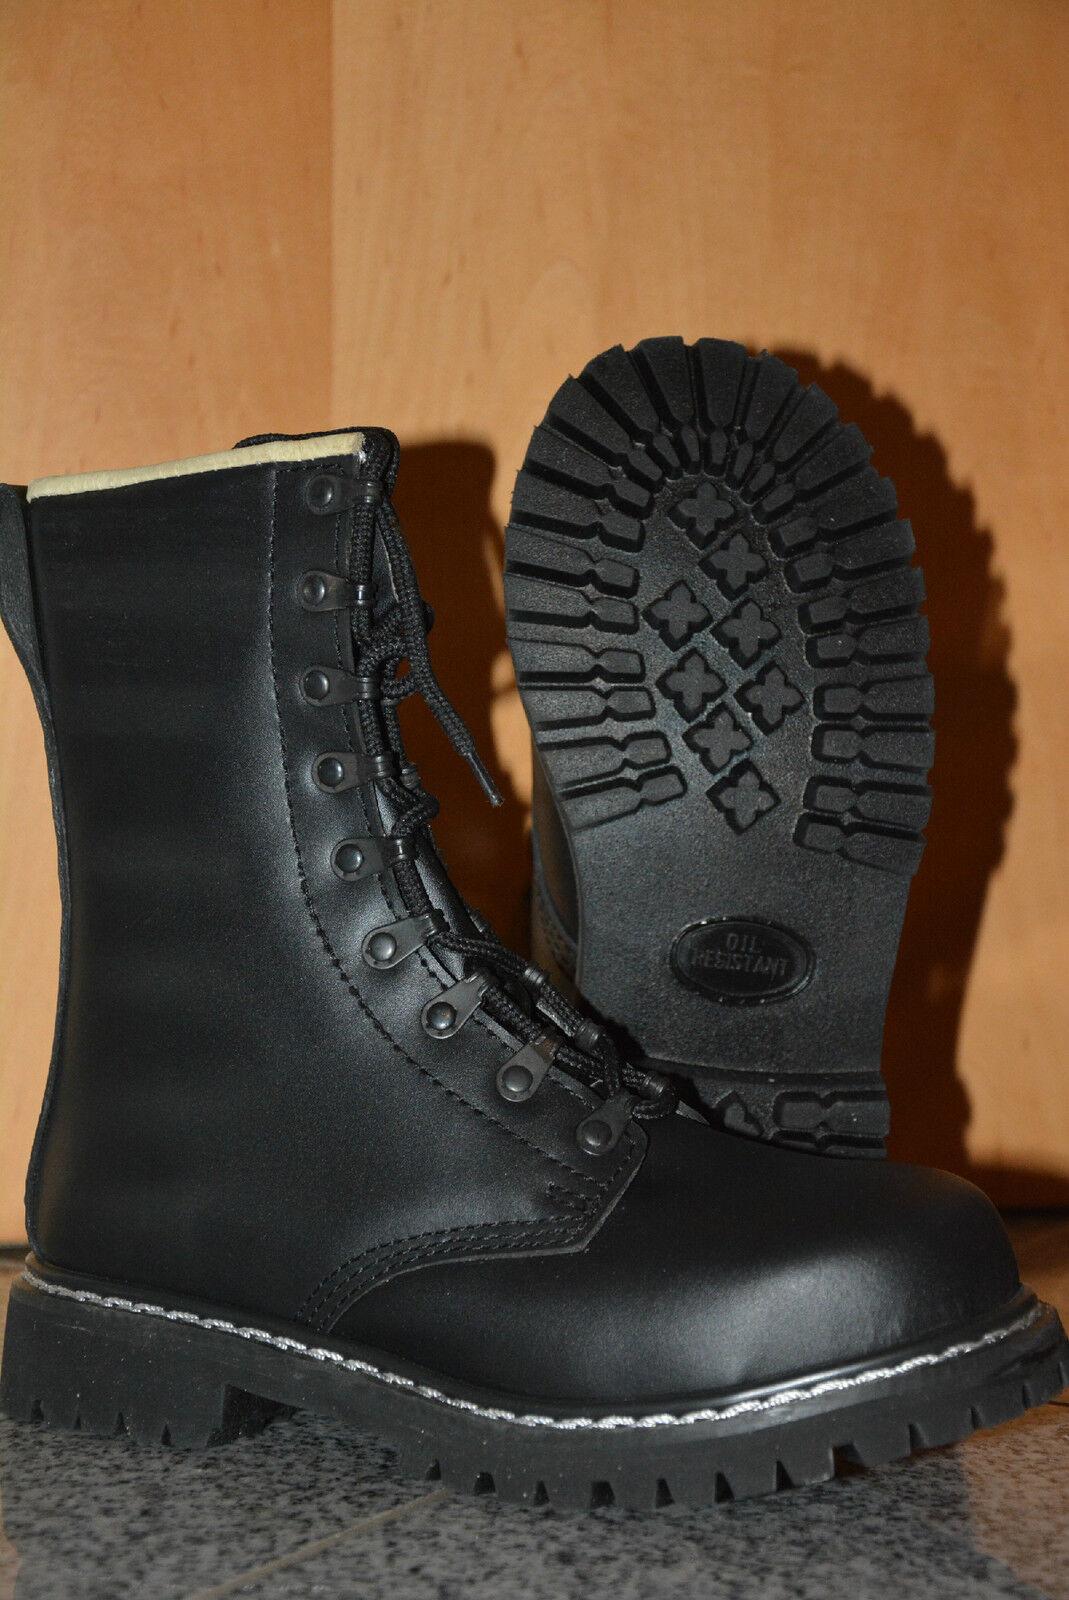 Schuhe Stiefel mit Schnürung Springerstiefel BW echt LEDER schwarz Größe 41 NEU